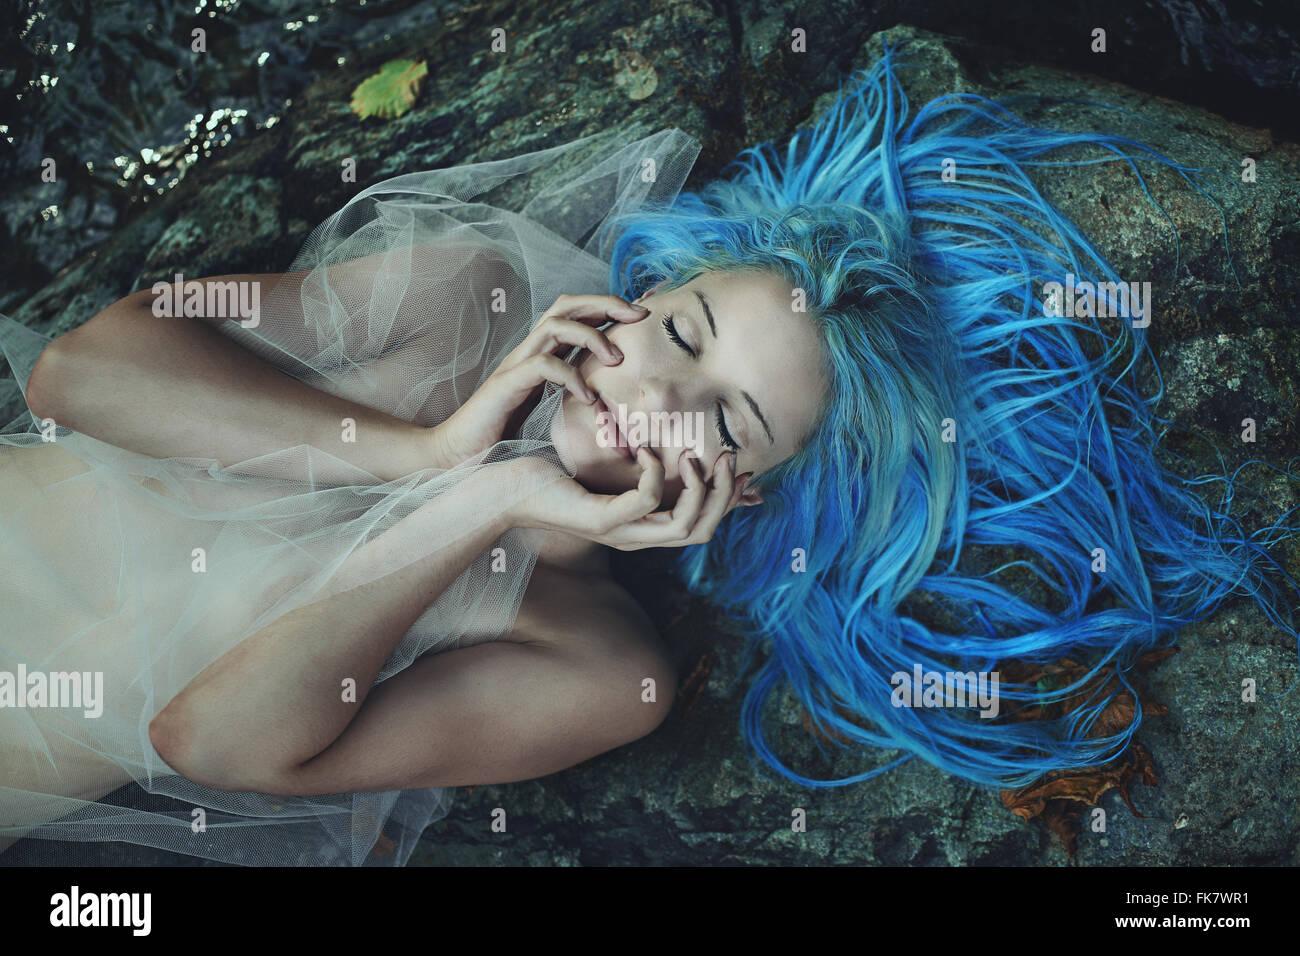 Belle sirène dormant sur roches . Mythe et fantaisie Photo Stock